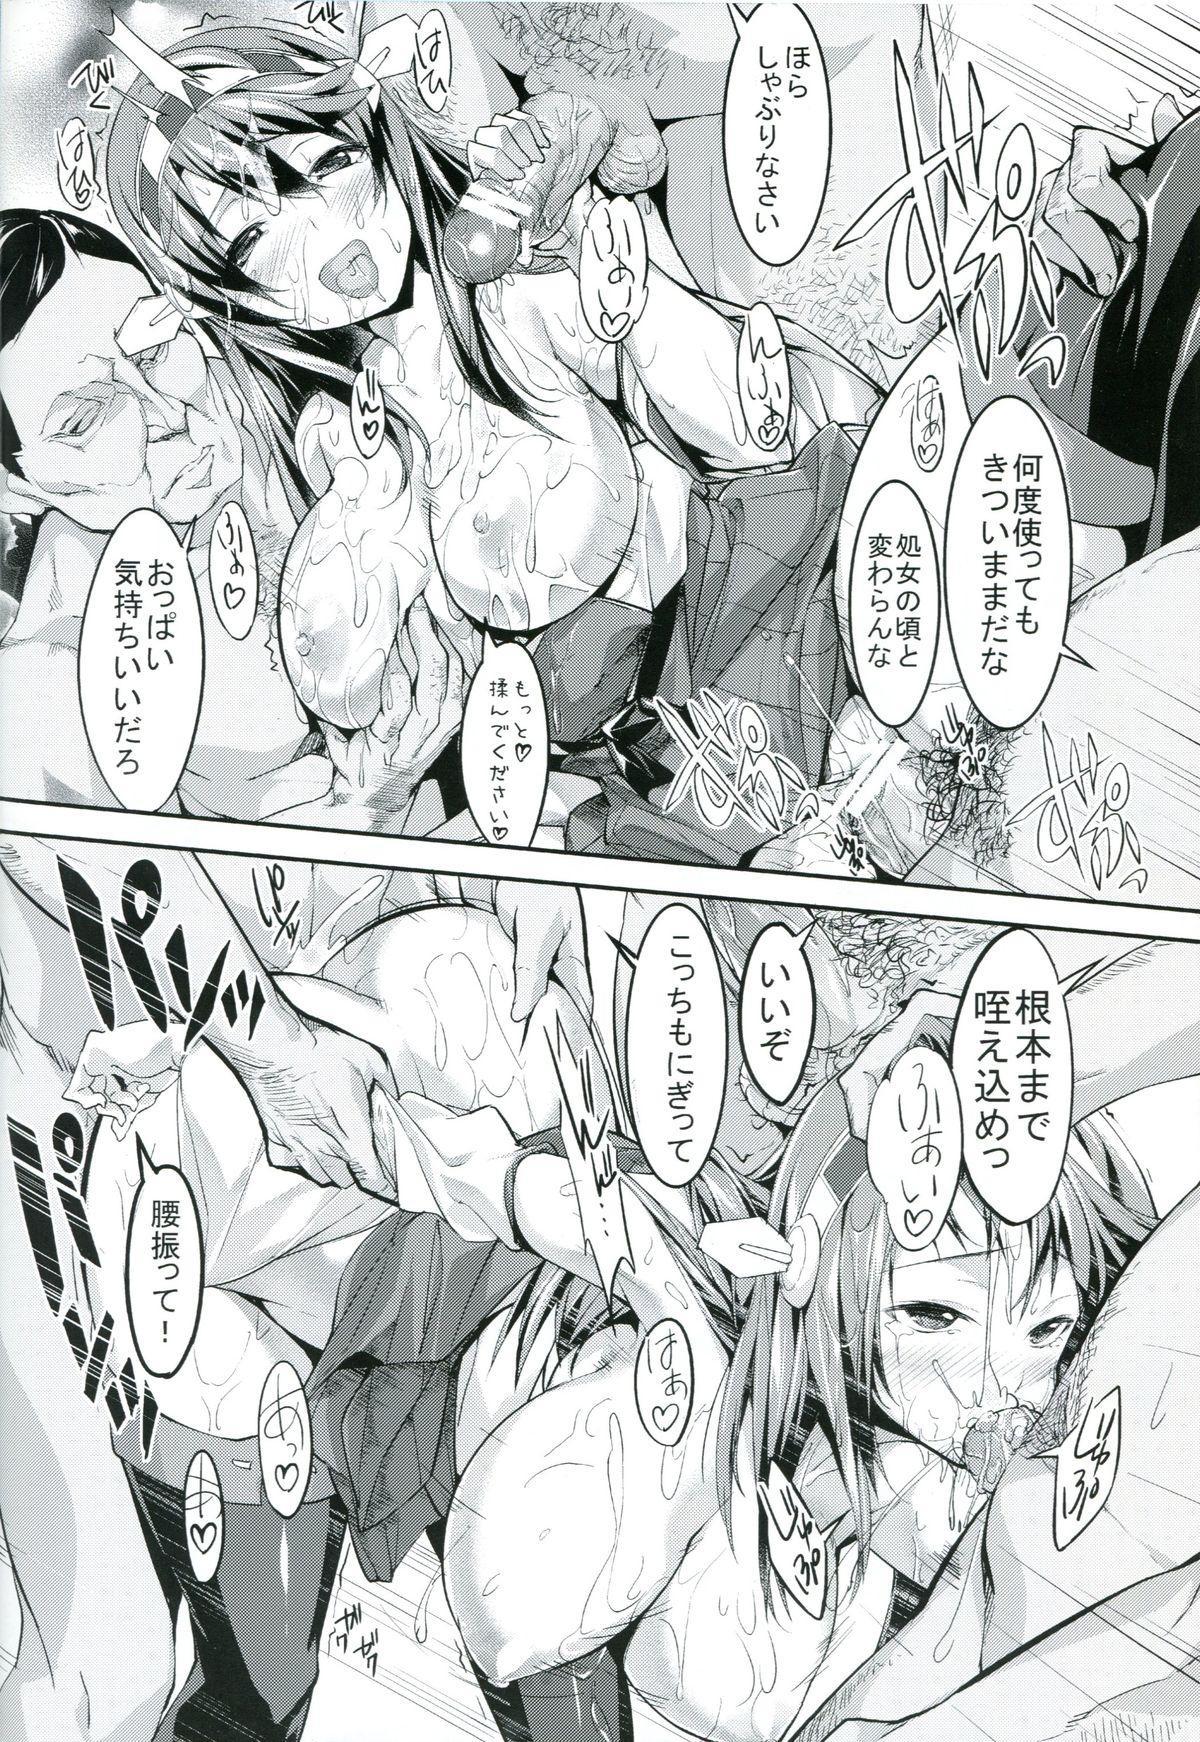 Haruna ga Teitoku no Tame ni Dekiru Koto 24